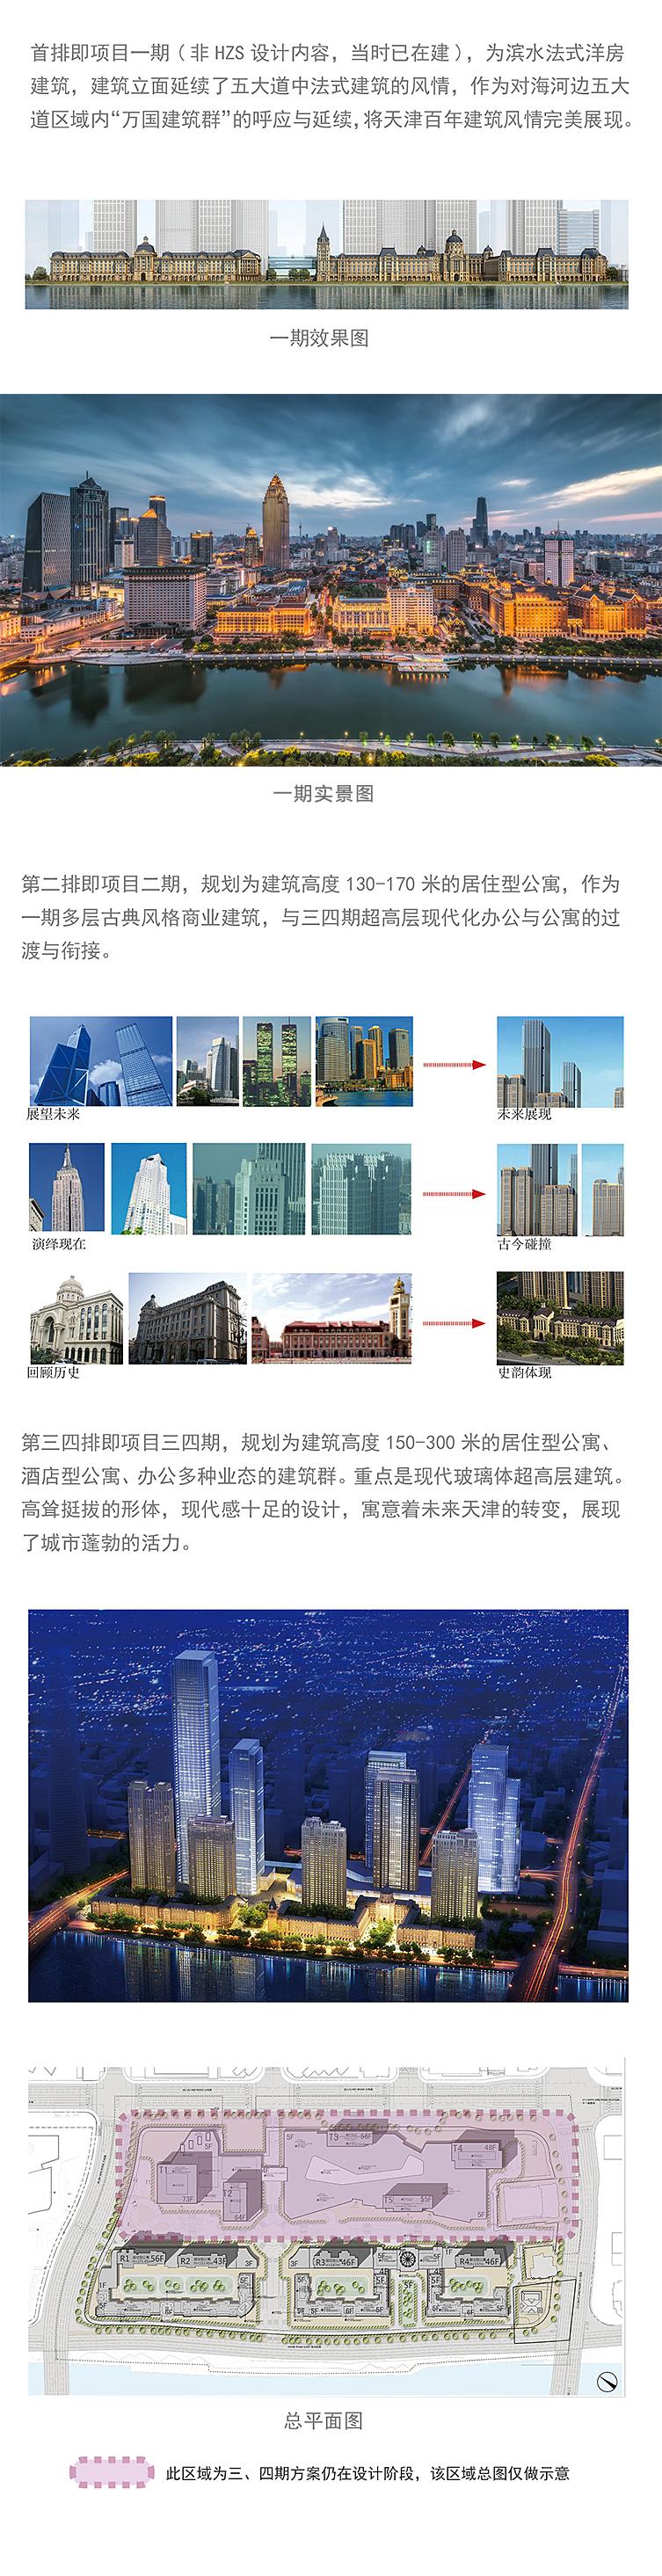 20170819天津中海城市广场b.jpg